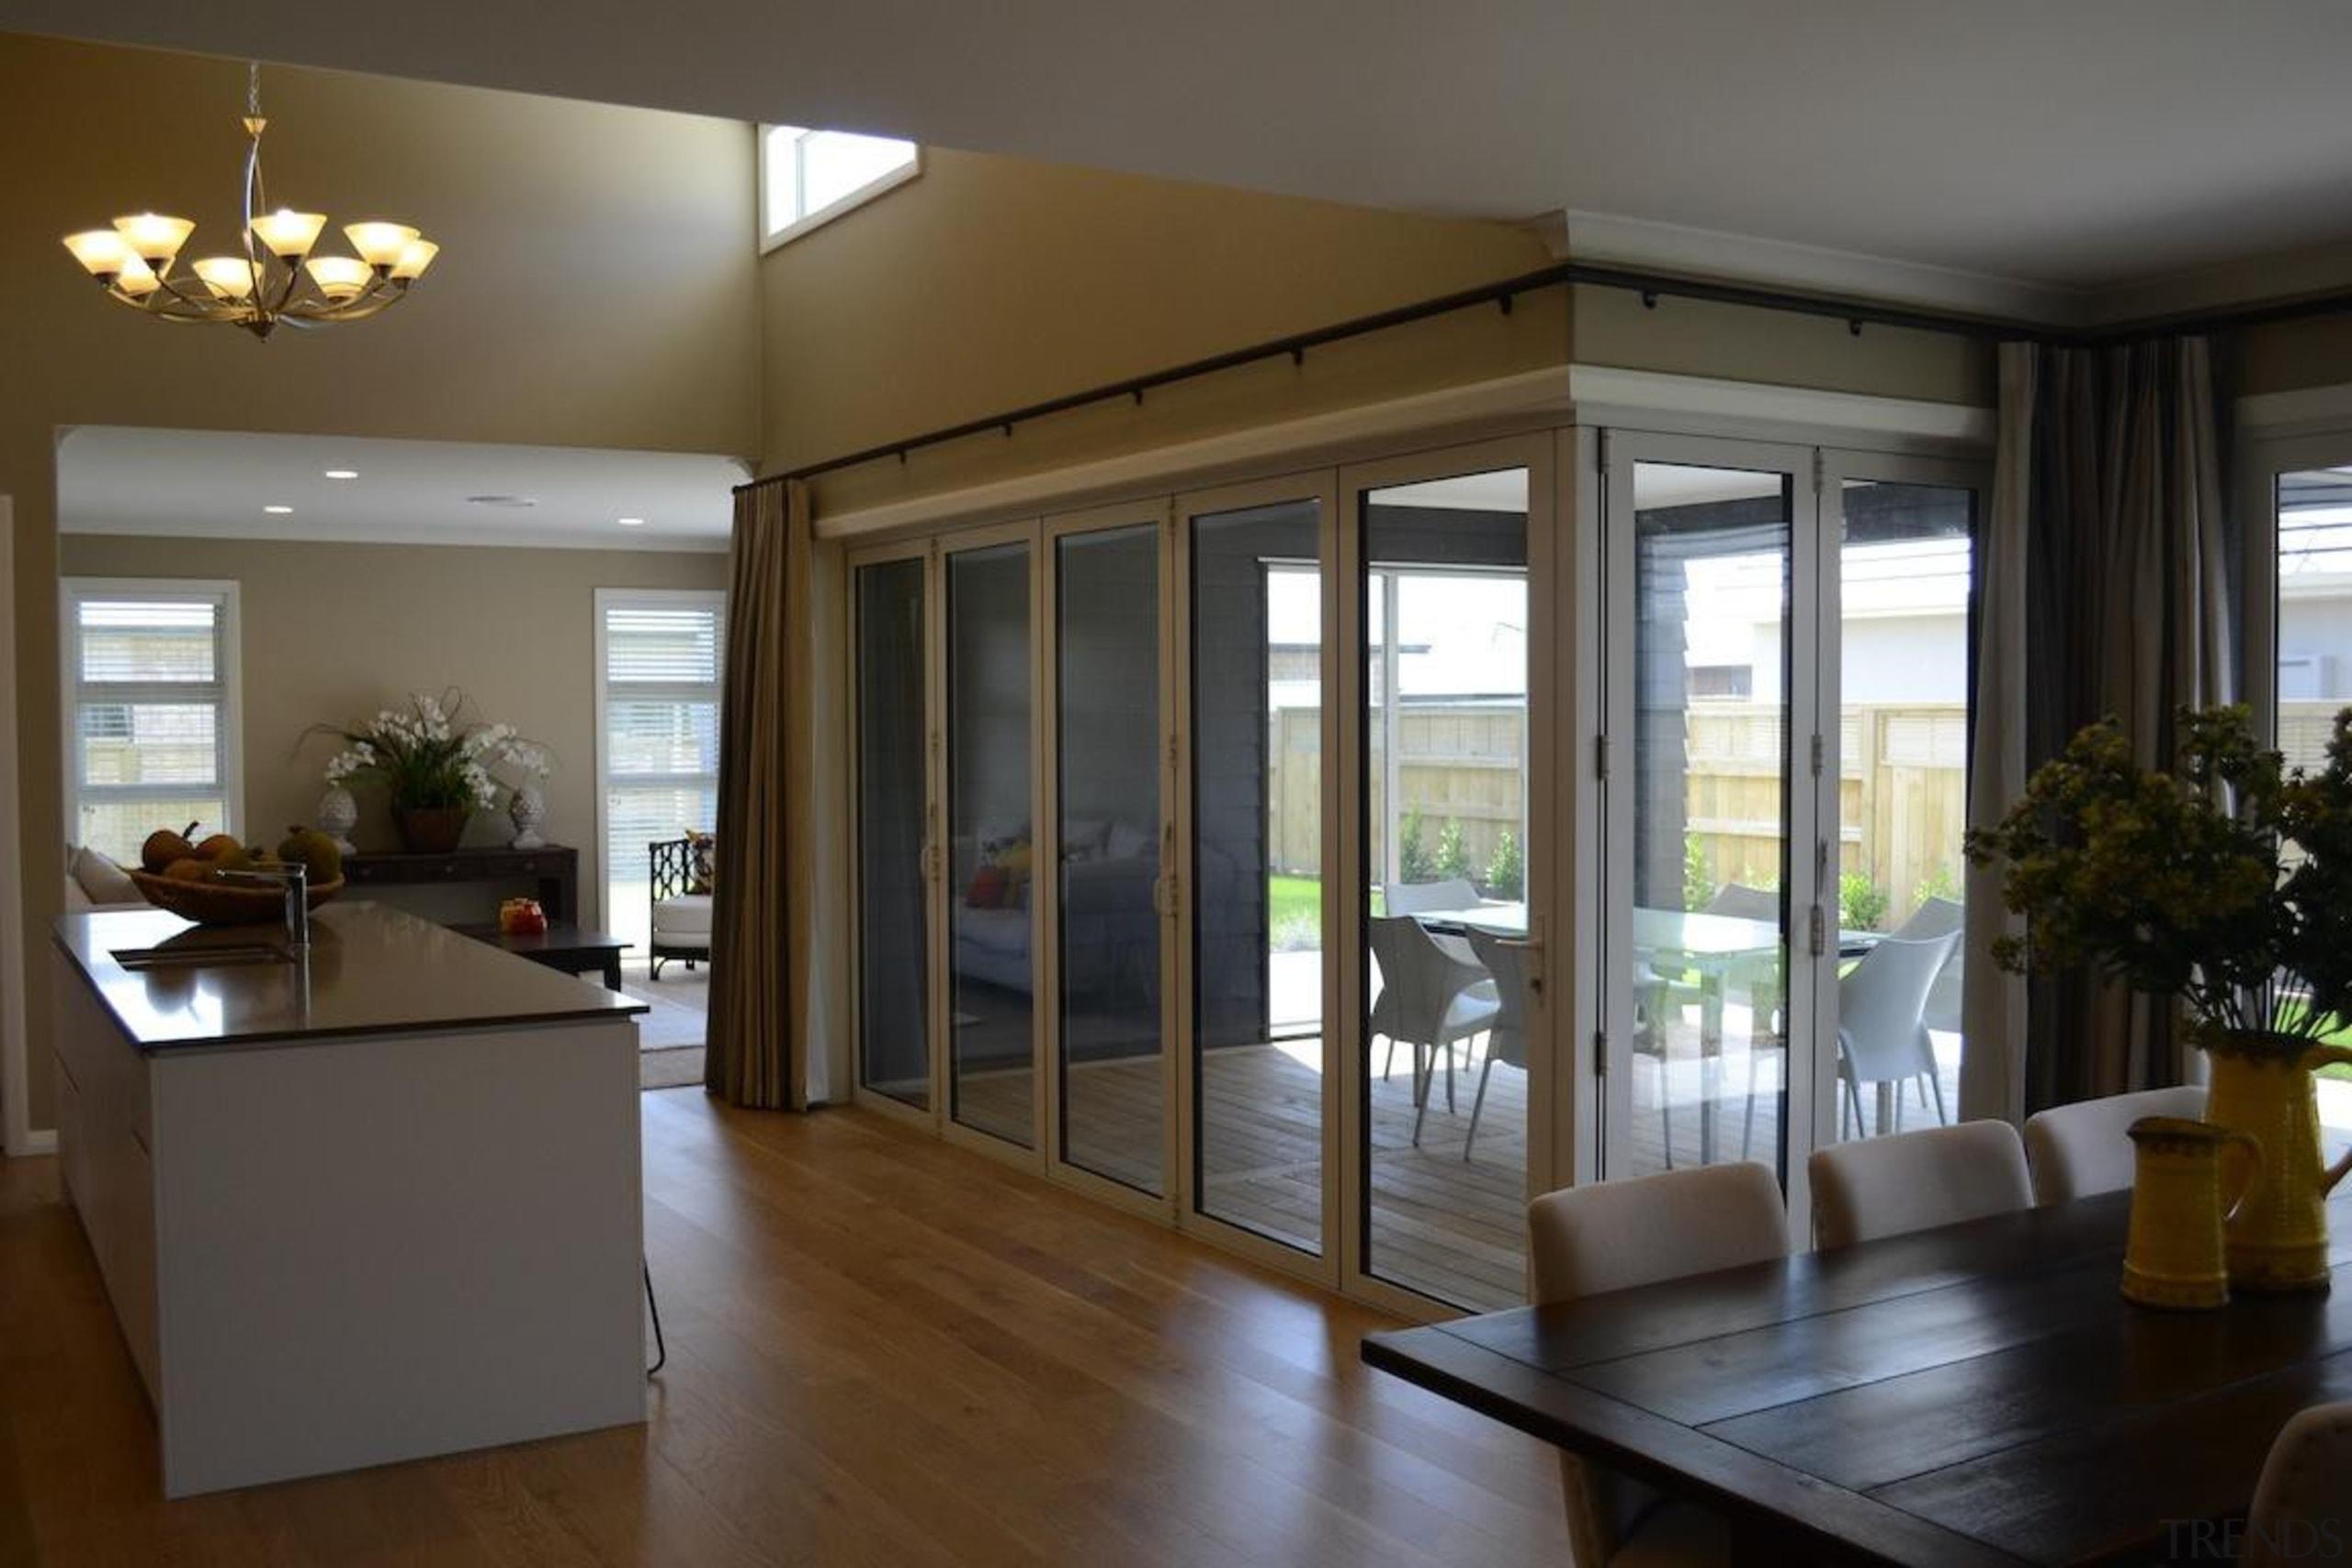 Indoor spaces flow from one side of the door, floor, flooring, house, interior design, property, real estate, window, brown, gray